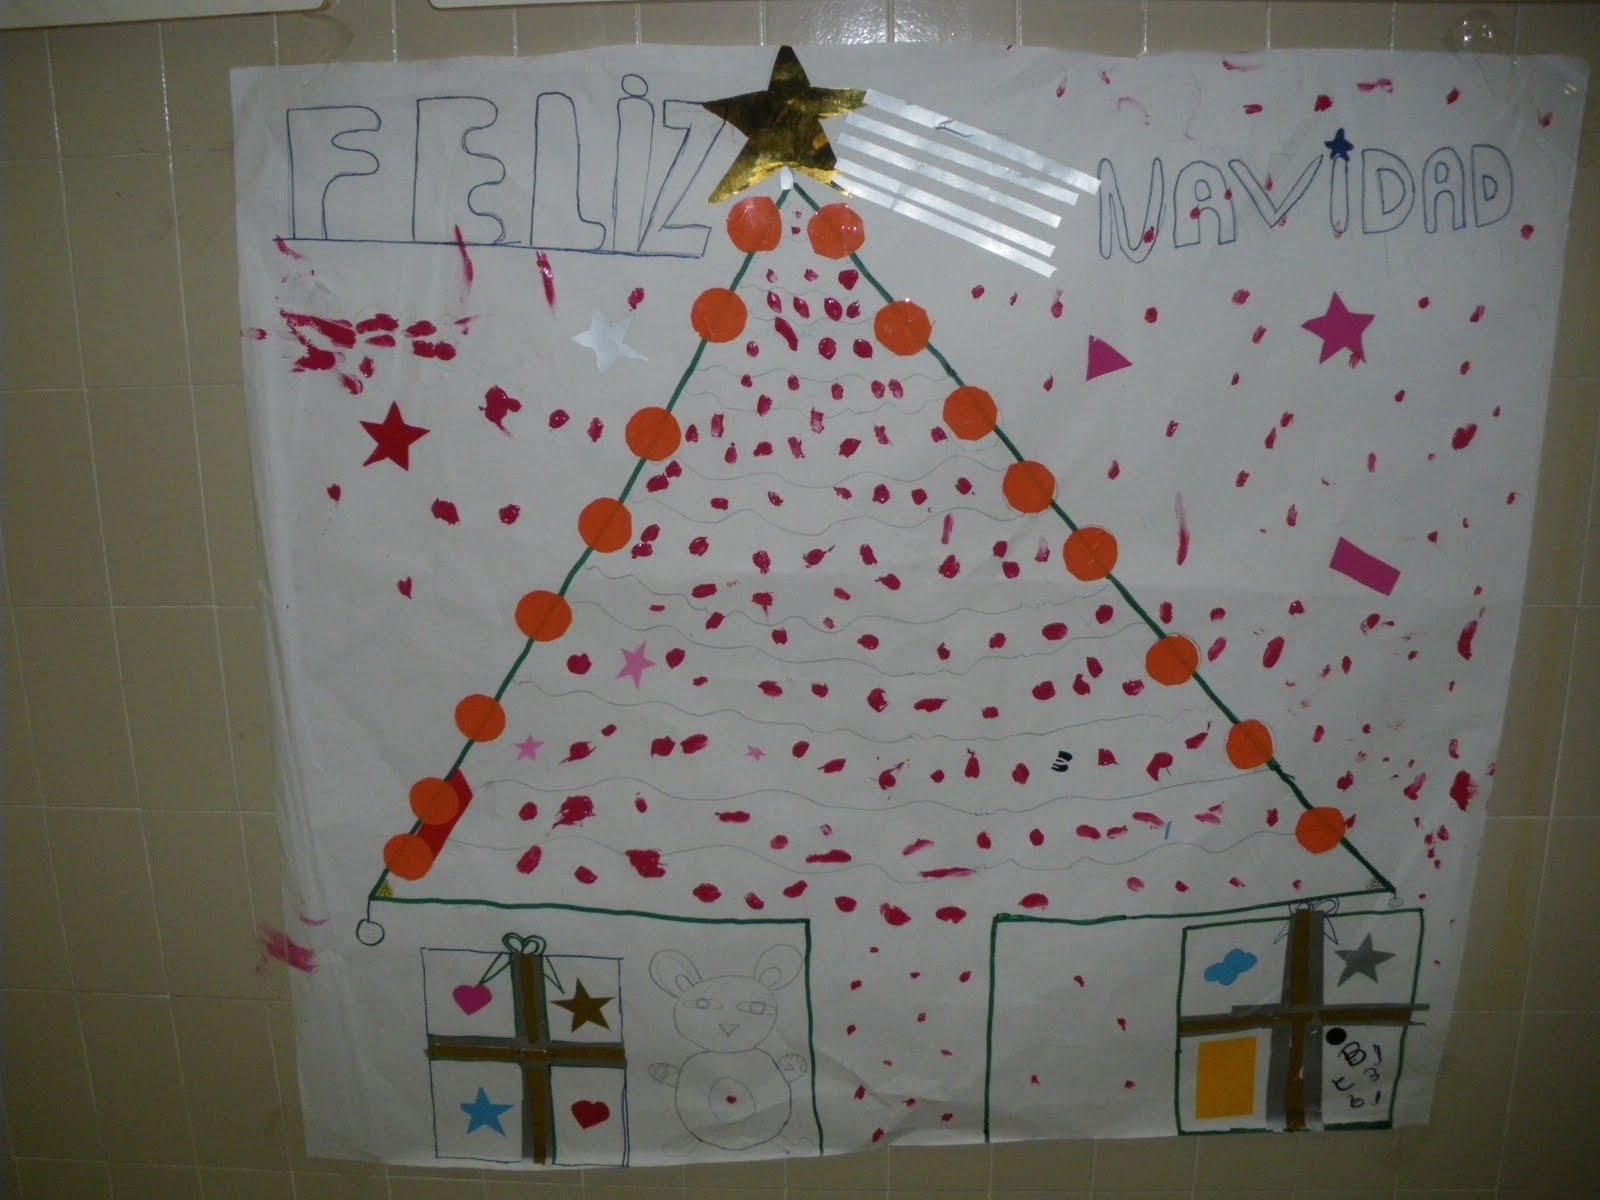 L s 7 magn fic s murales de navidad - Murales decorativos de navidad ...